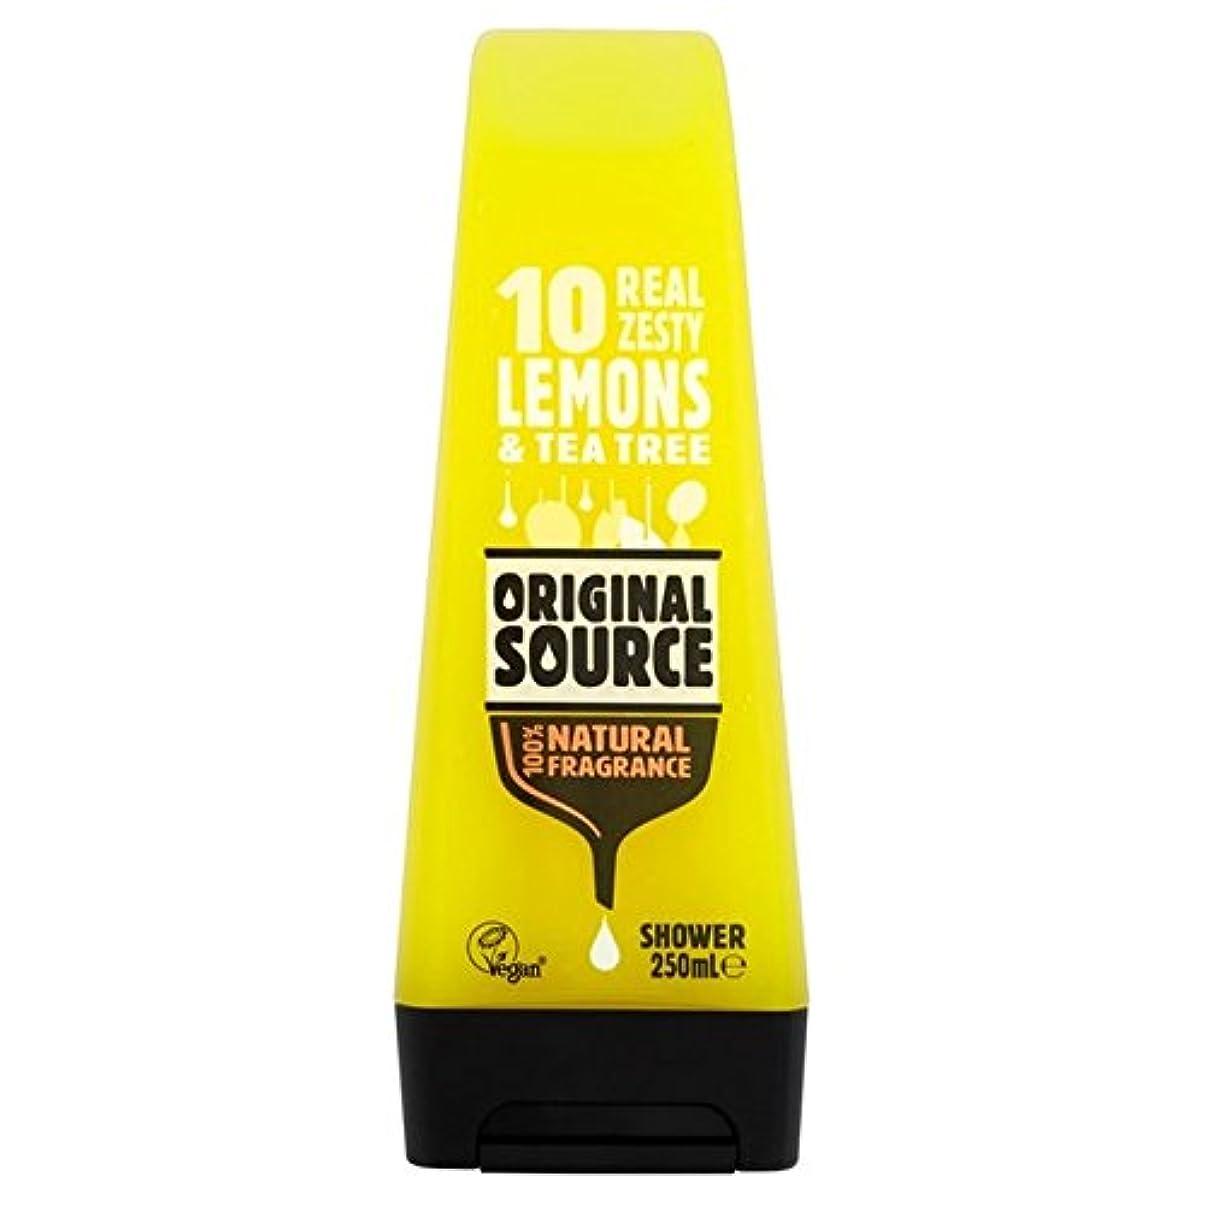 言い訳潜水艦圧縮Original Source Lemon Shower Gel 250ml - 元のソースのレモンシャワージェル250ミリリットル [並行輸入品]